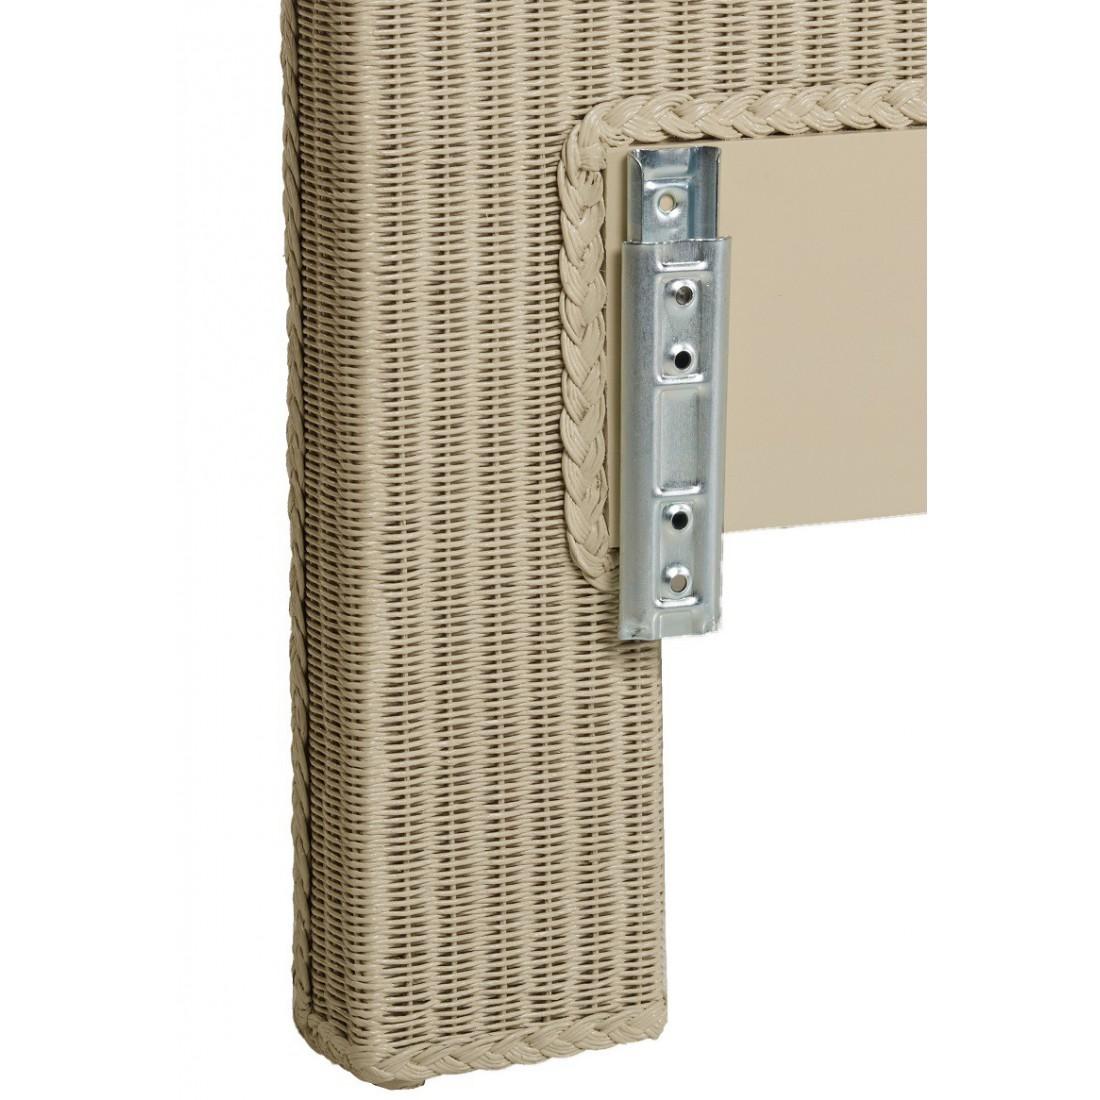 fixer une tete de lit sans percer affordable toi avec morceaux duagglo en par ex cm larg x h tu. Black Bedroom Furniture Sets. Home Design Ideas